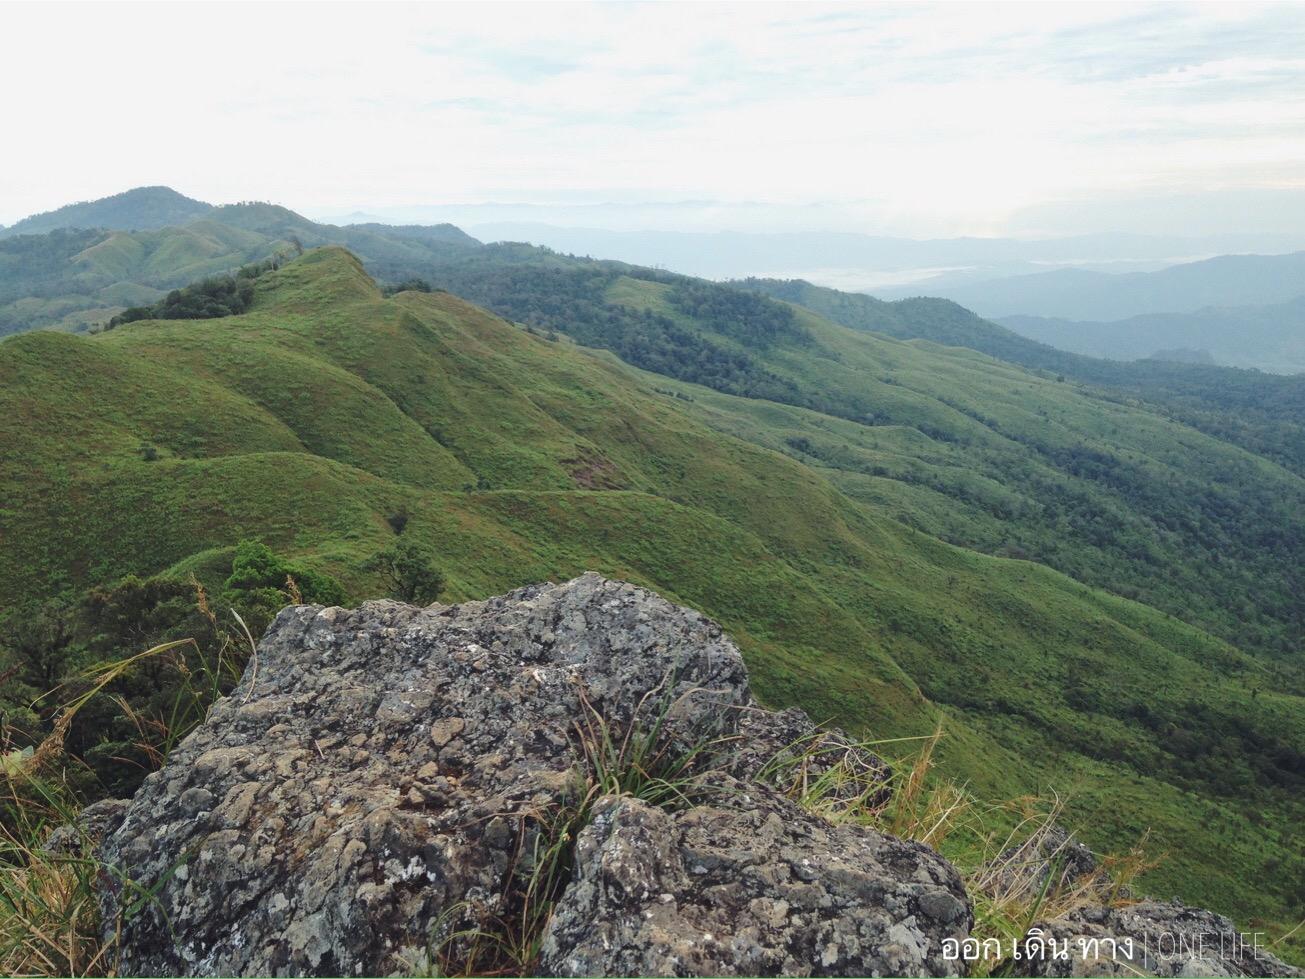 ภูลังกา จัวหวัดพะเยา ความสูง 1,720 เมตร มองเห็นภูเขาที่เคยเป็นไร่ฝิ่นในอดีต